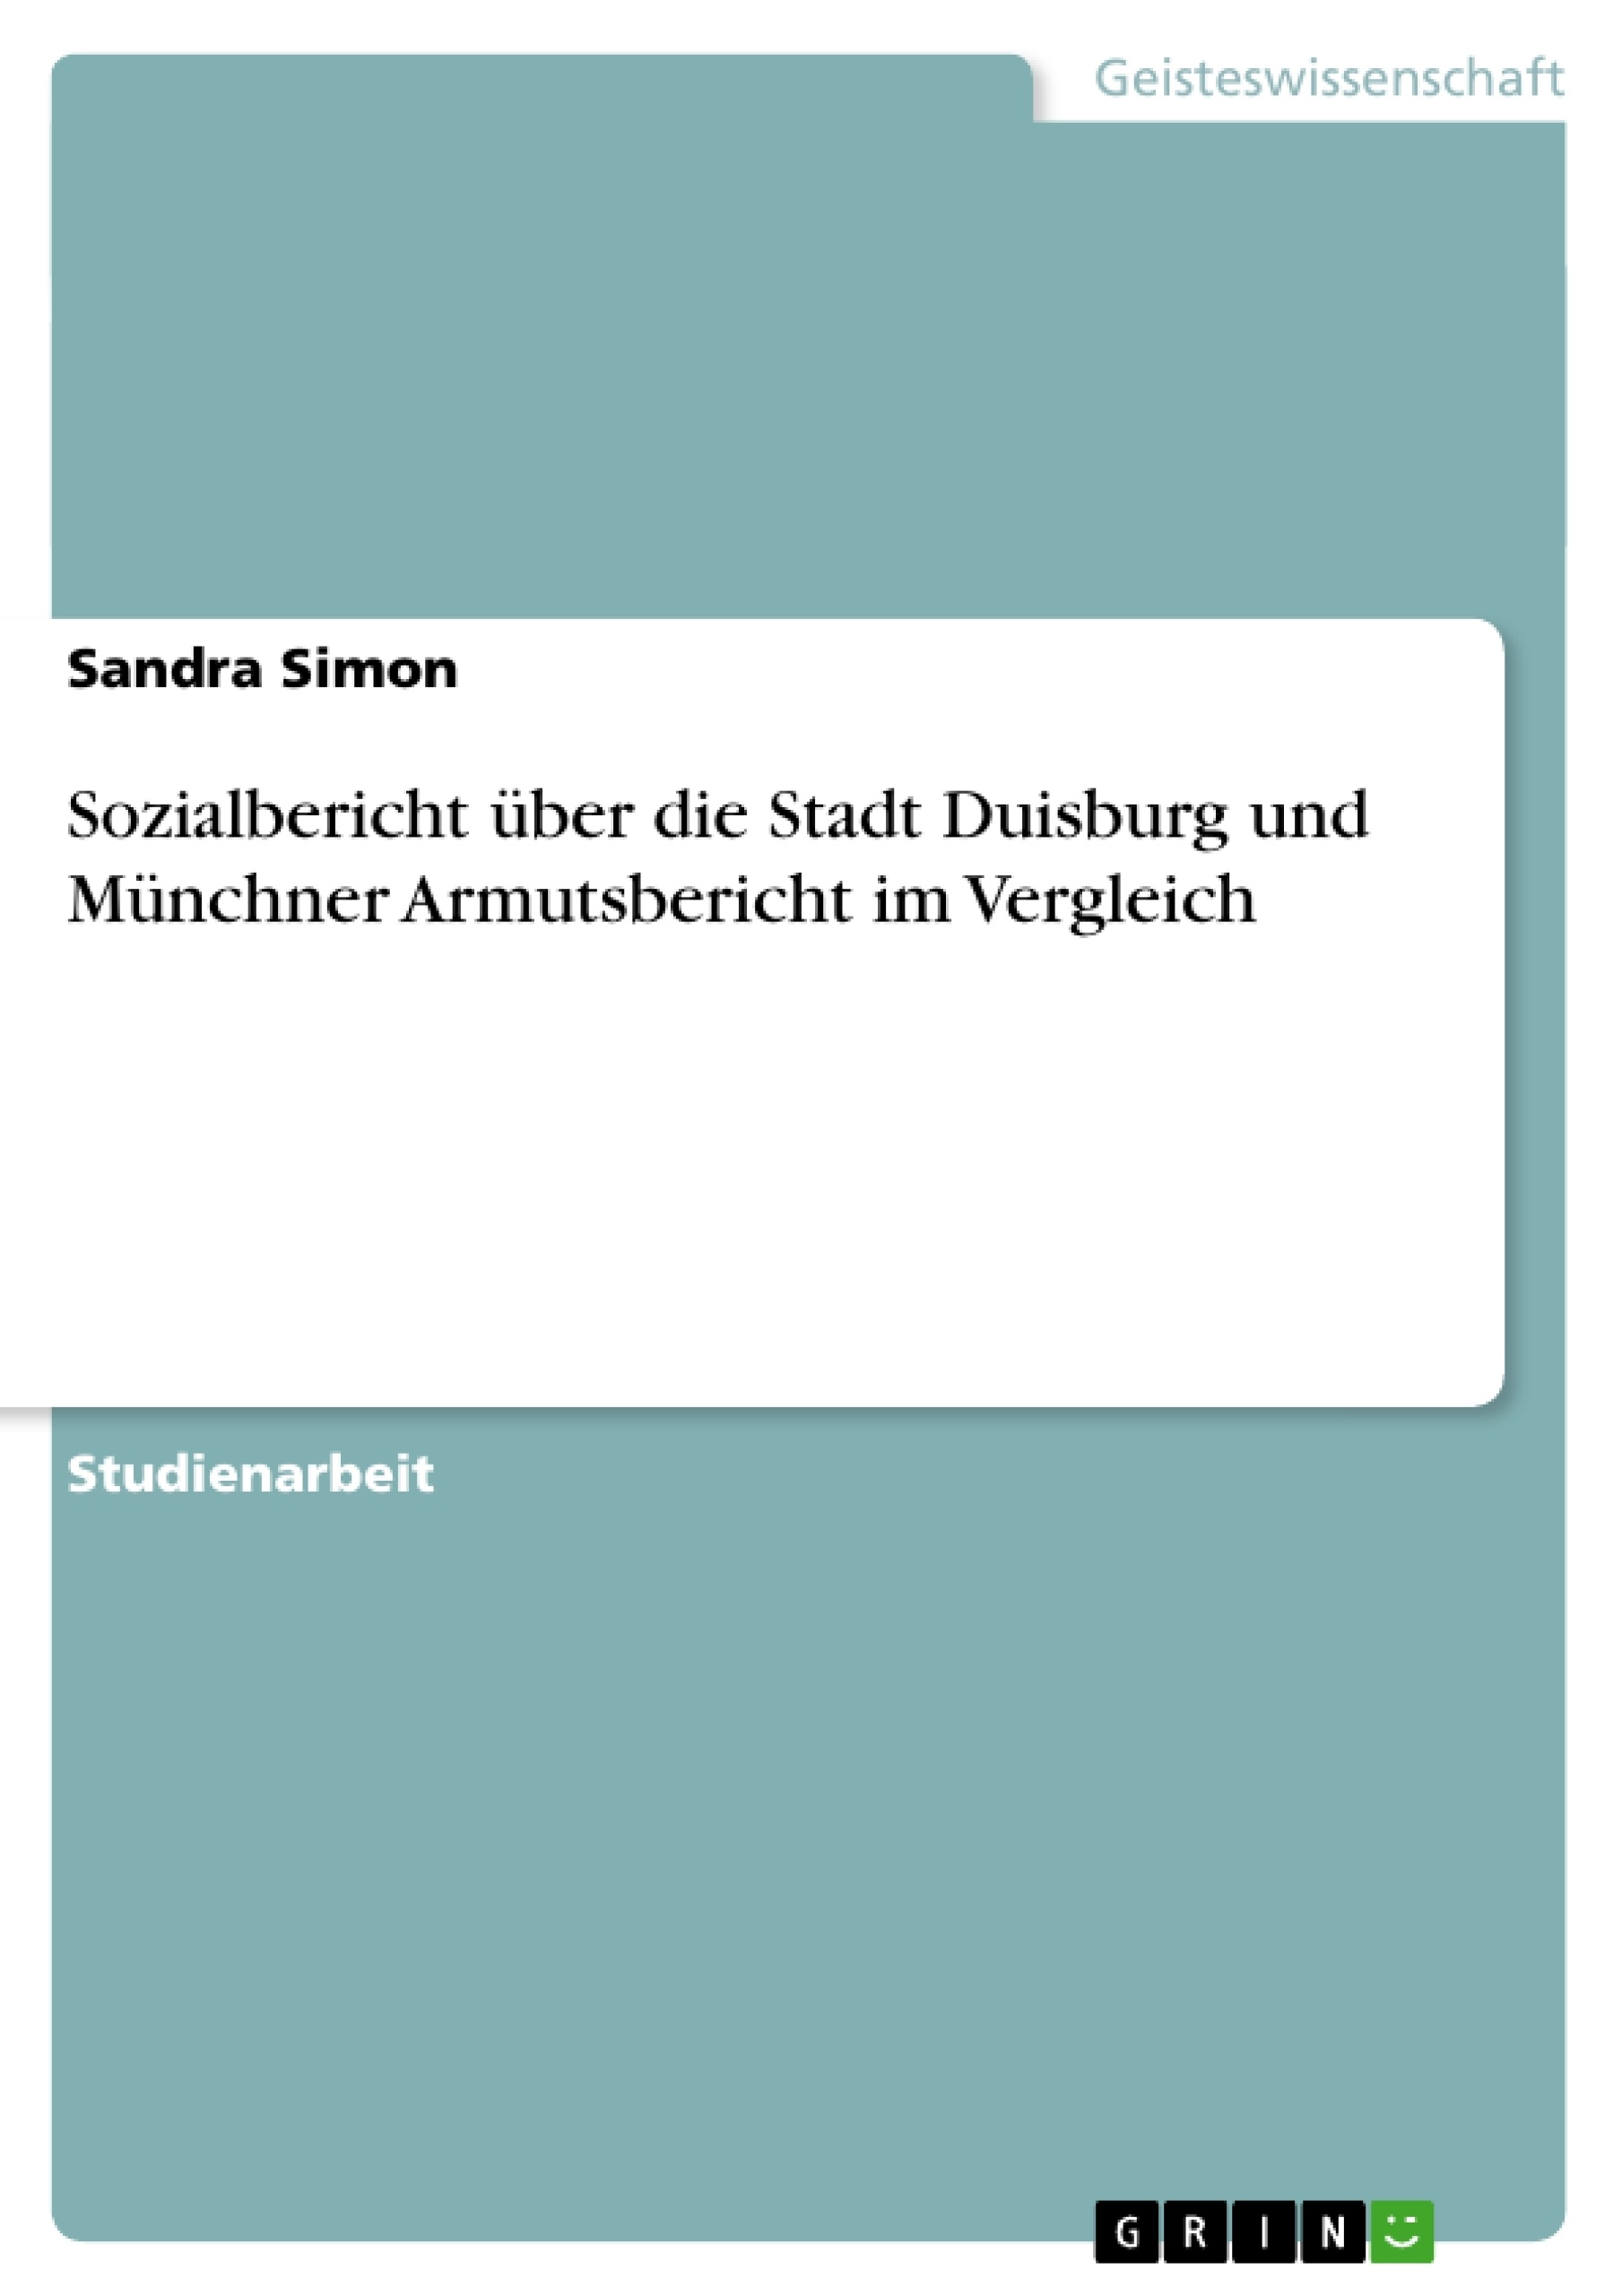 Titel: Sozialbericht über die Stadt Duisburg und Münchner Armutsbericht im Vergleich